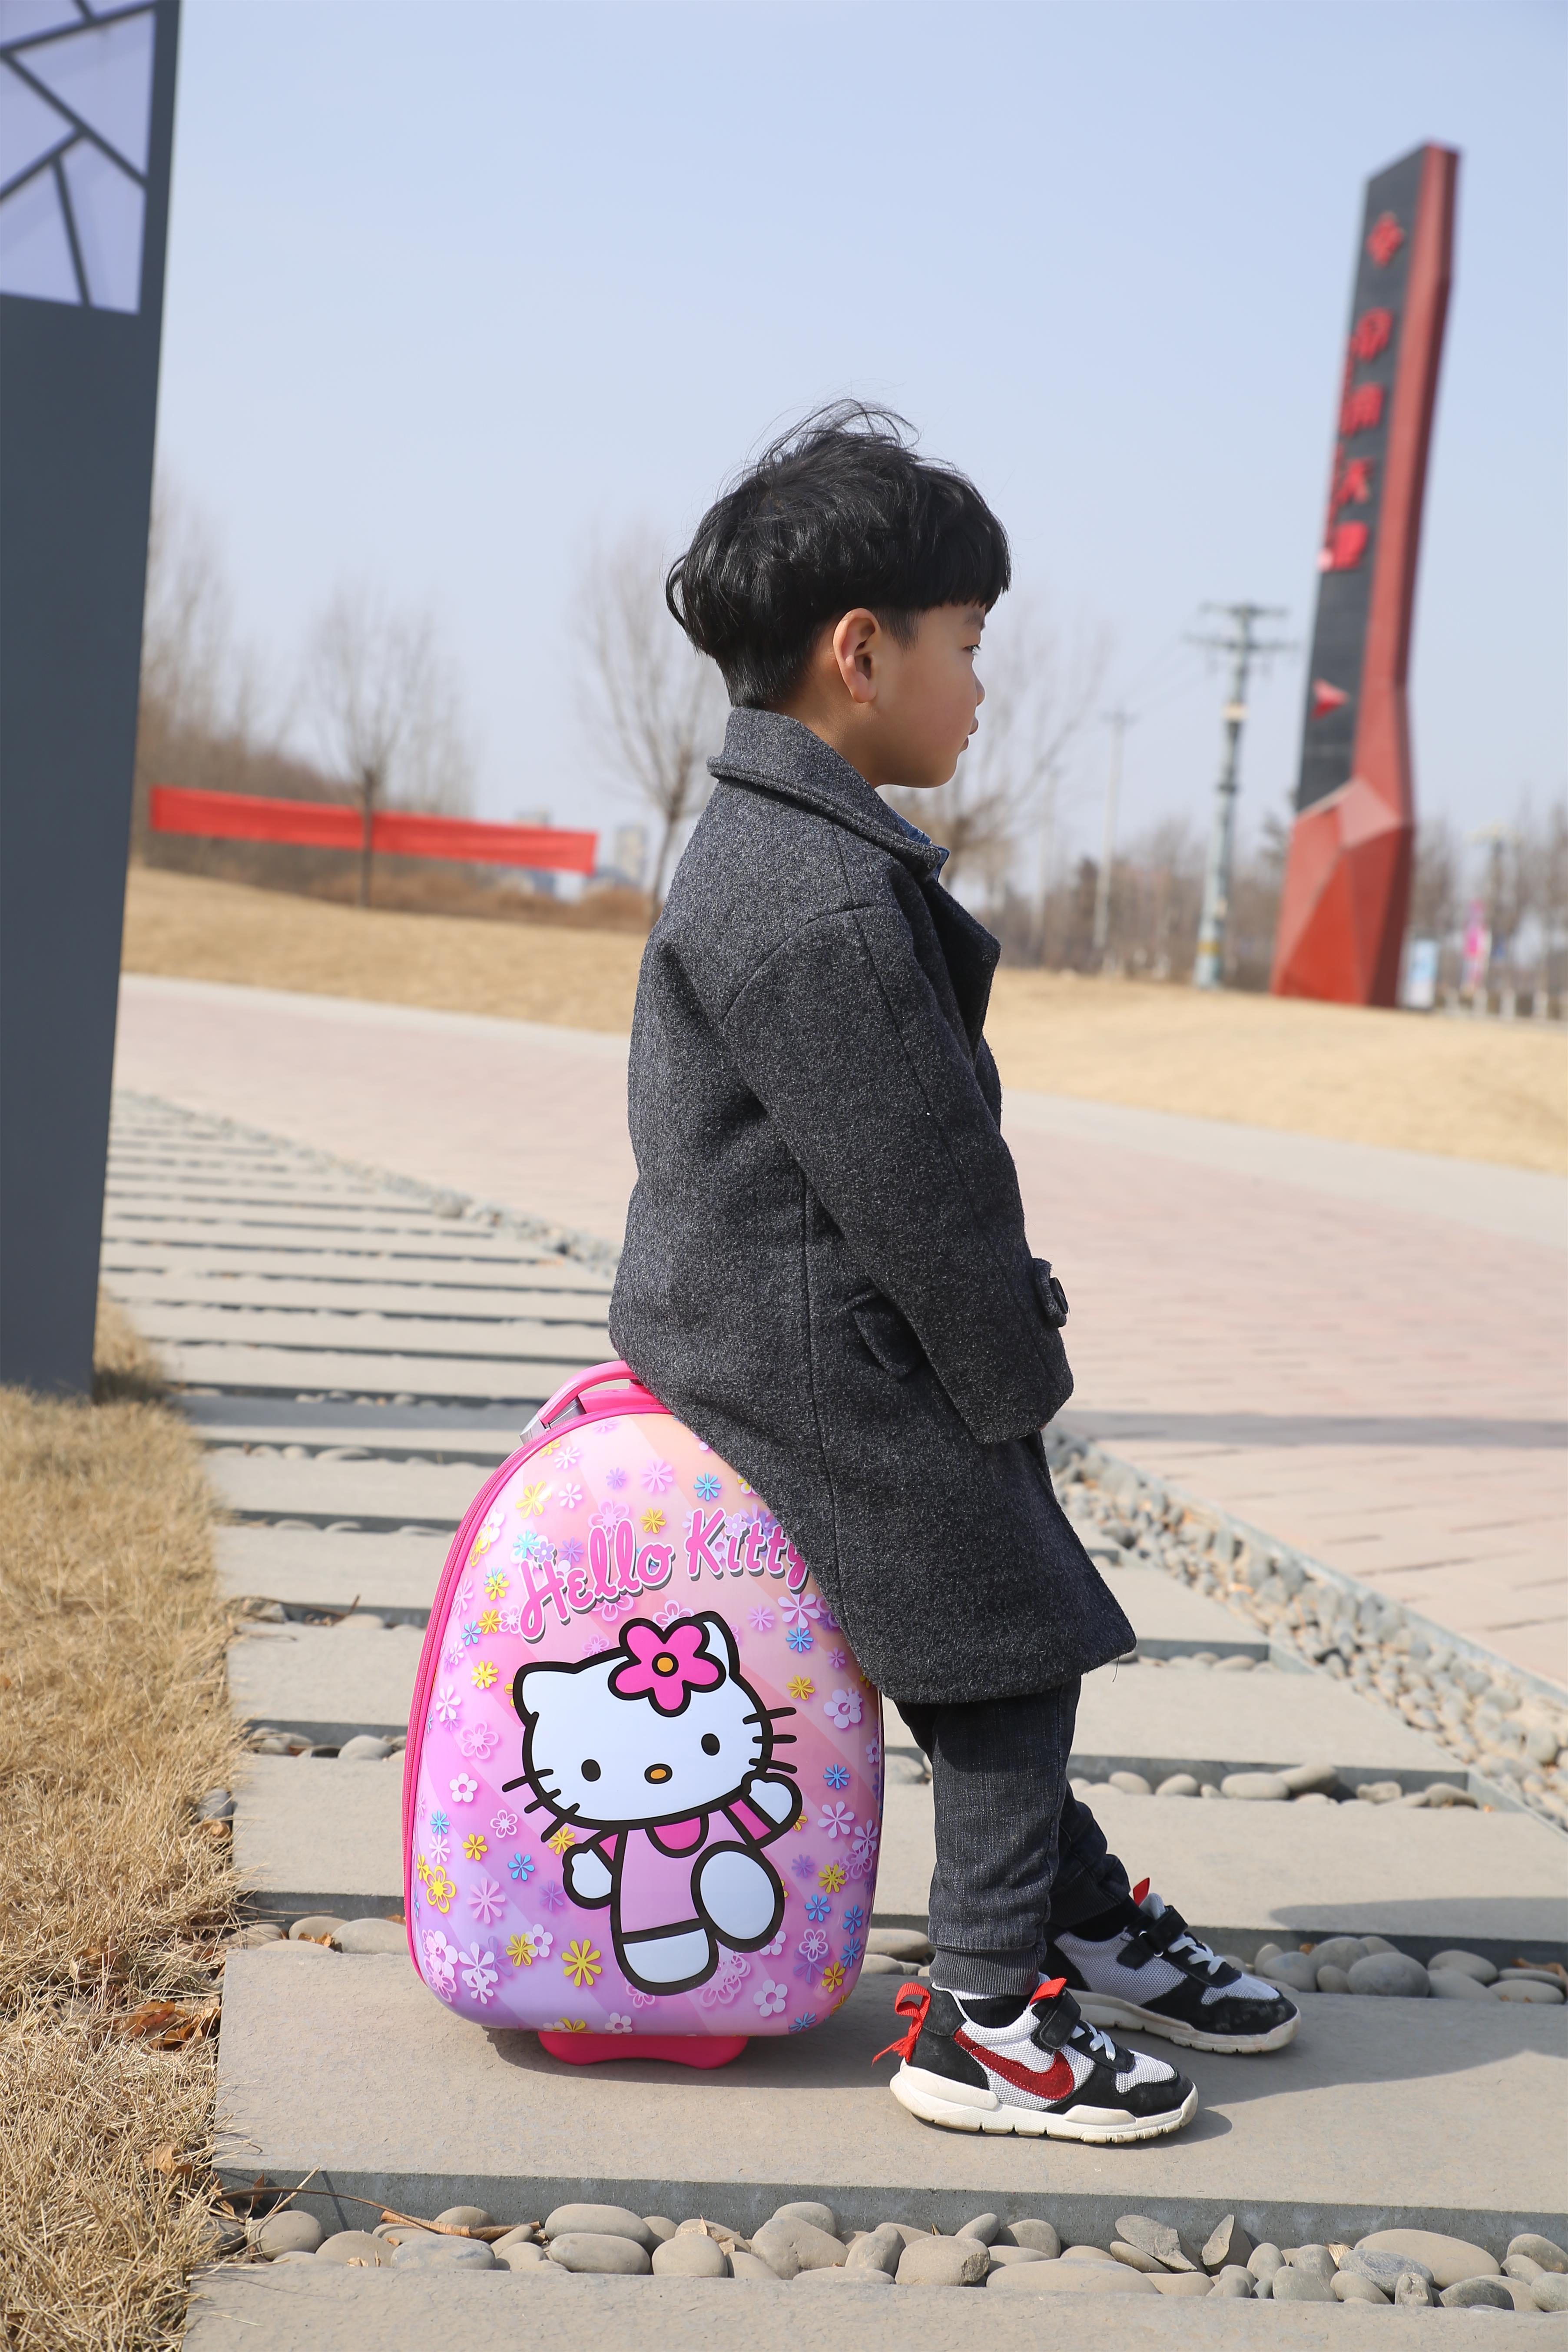 ⊗まรถเข็นเด็กกระเป๋าเดินทางหญิงเจ้าหญิงน่ารักการ์ตูนเด็กกระเป๋าชาย18นิ้ว16นิ้วกระเป๋าเดินทางนักเรียน